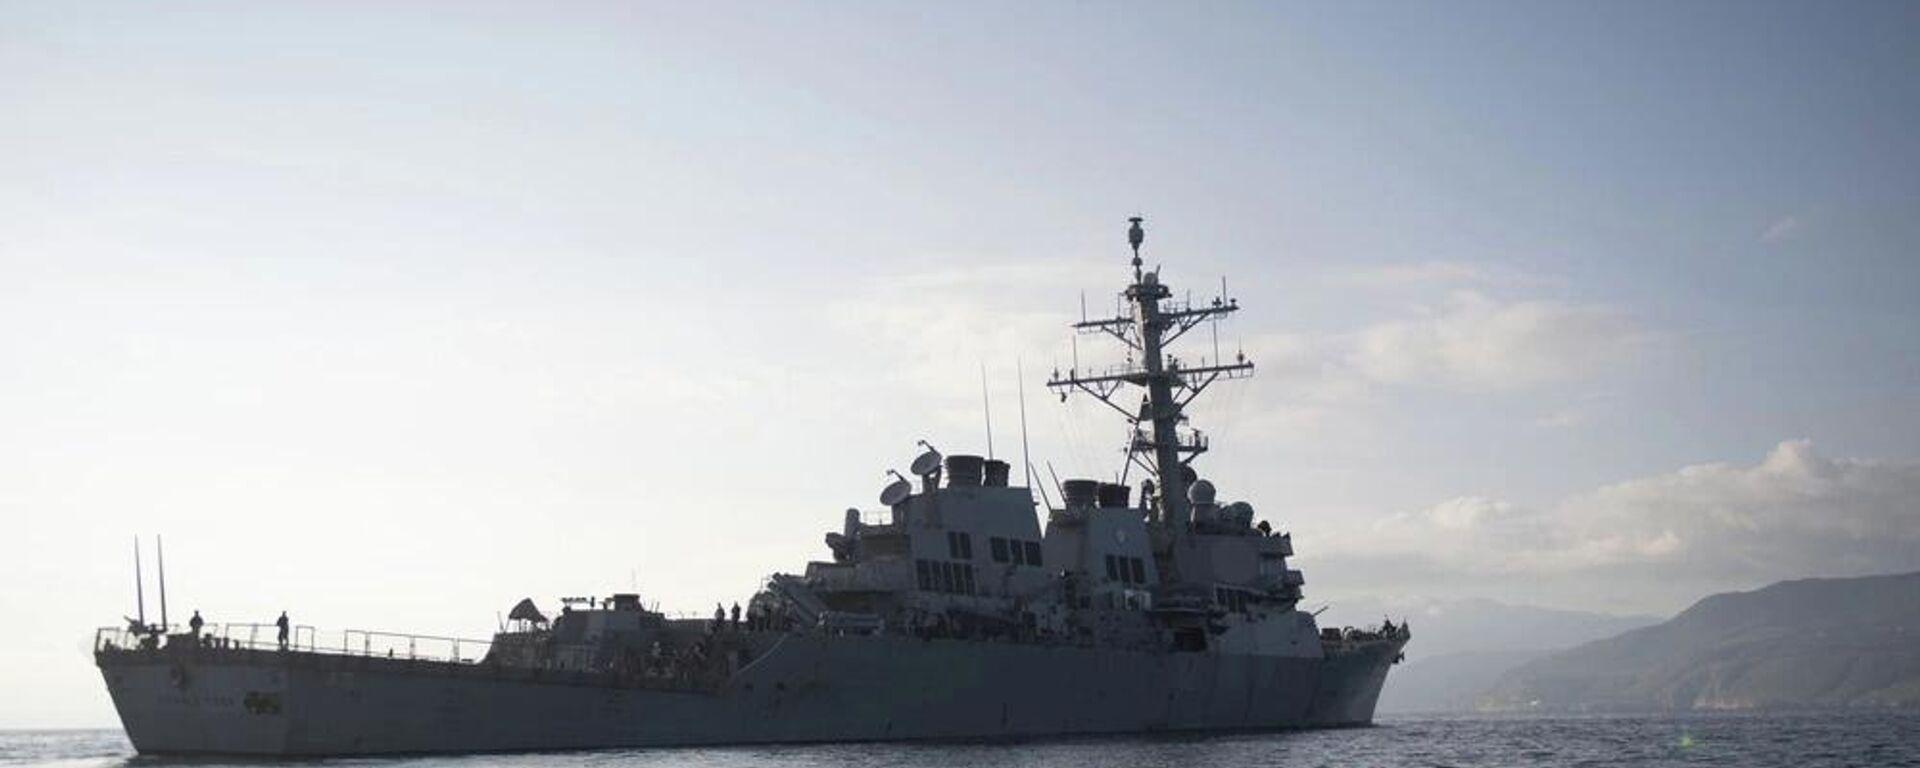 Американский военный эскадренный миноносец USS Donald Cook у берегов Греции - Sputnik Latvija, 1920, 08.10.2021